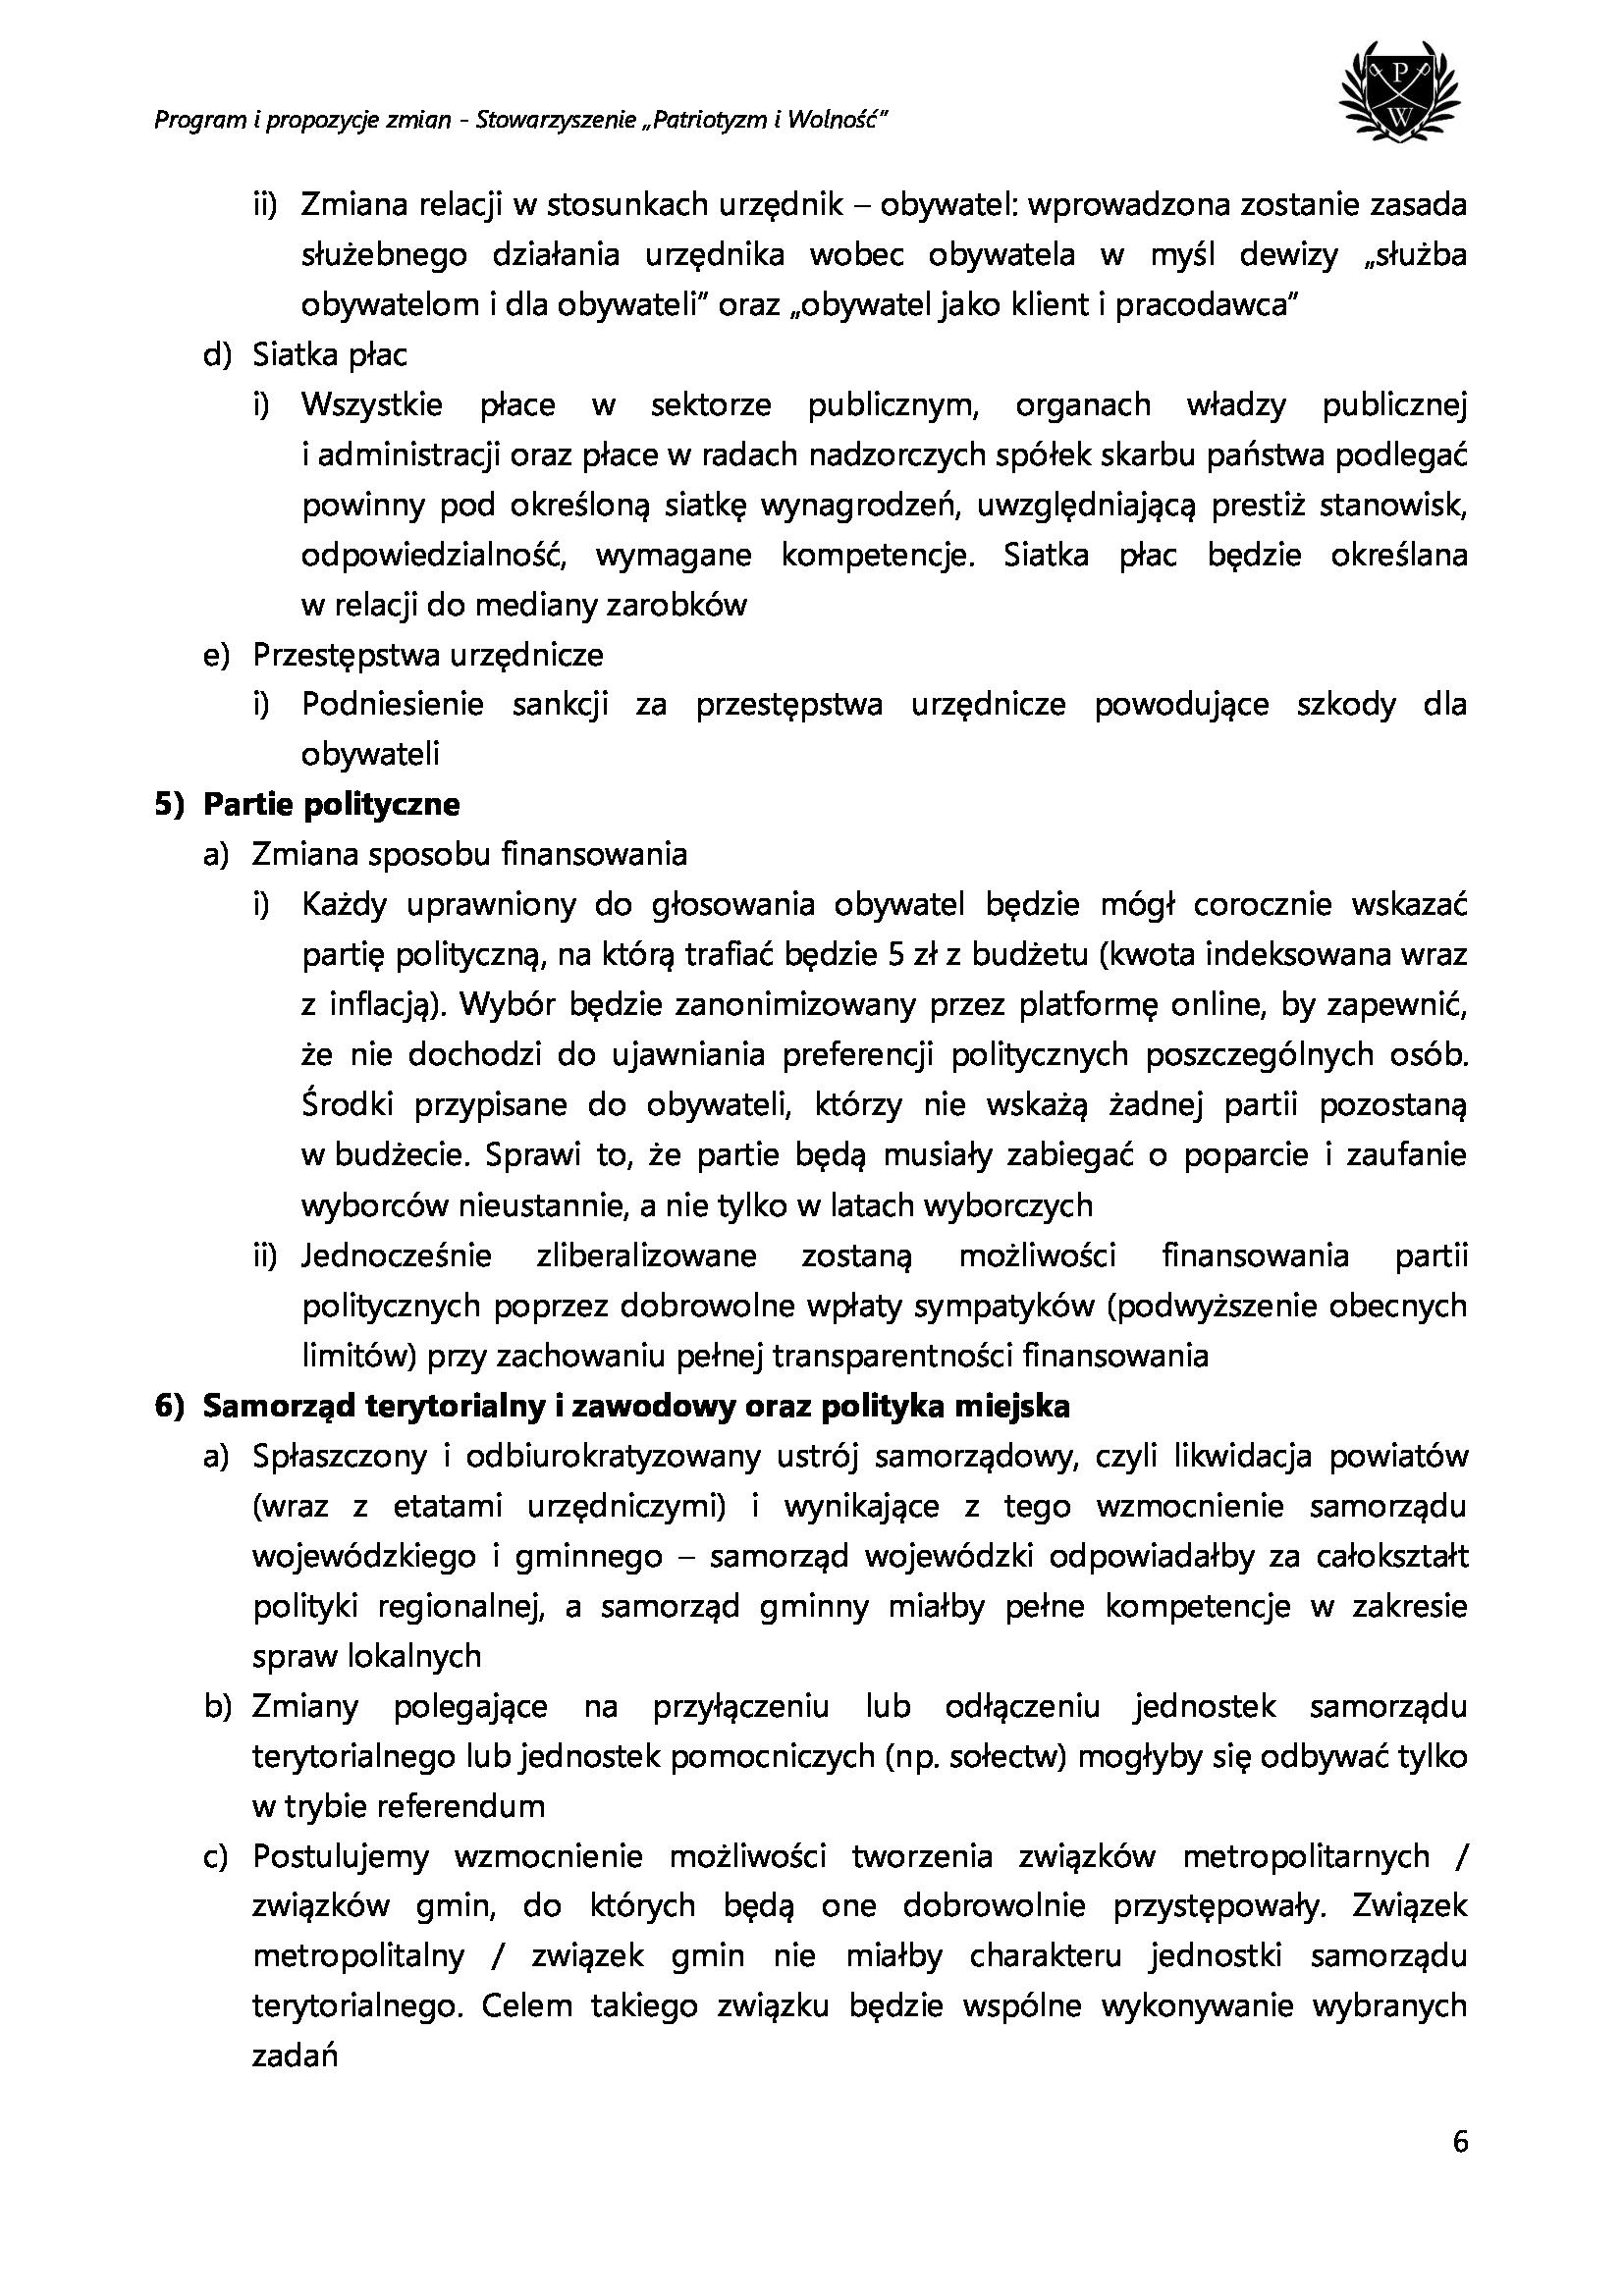 db9e272ef5a9a2e66d26f1905be6c507-6